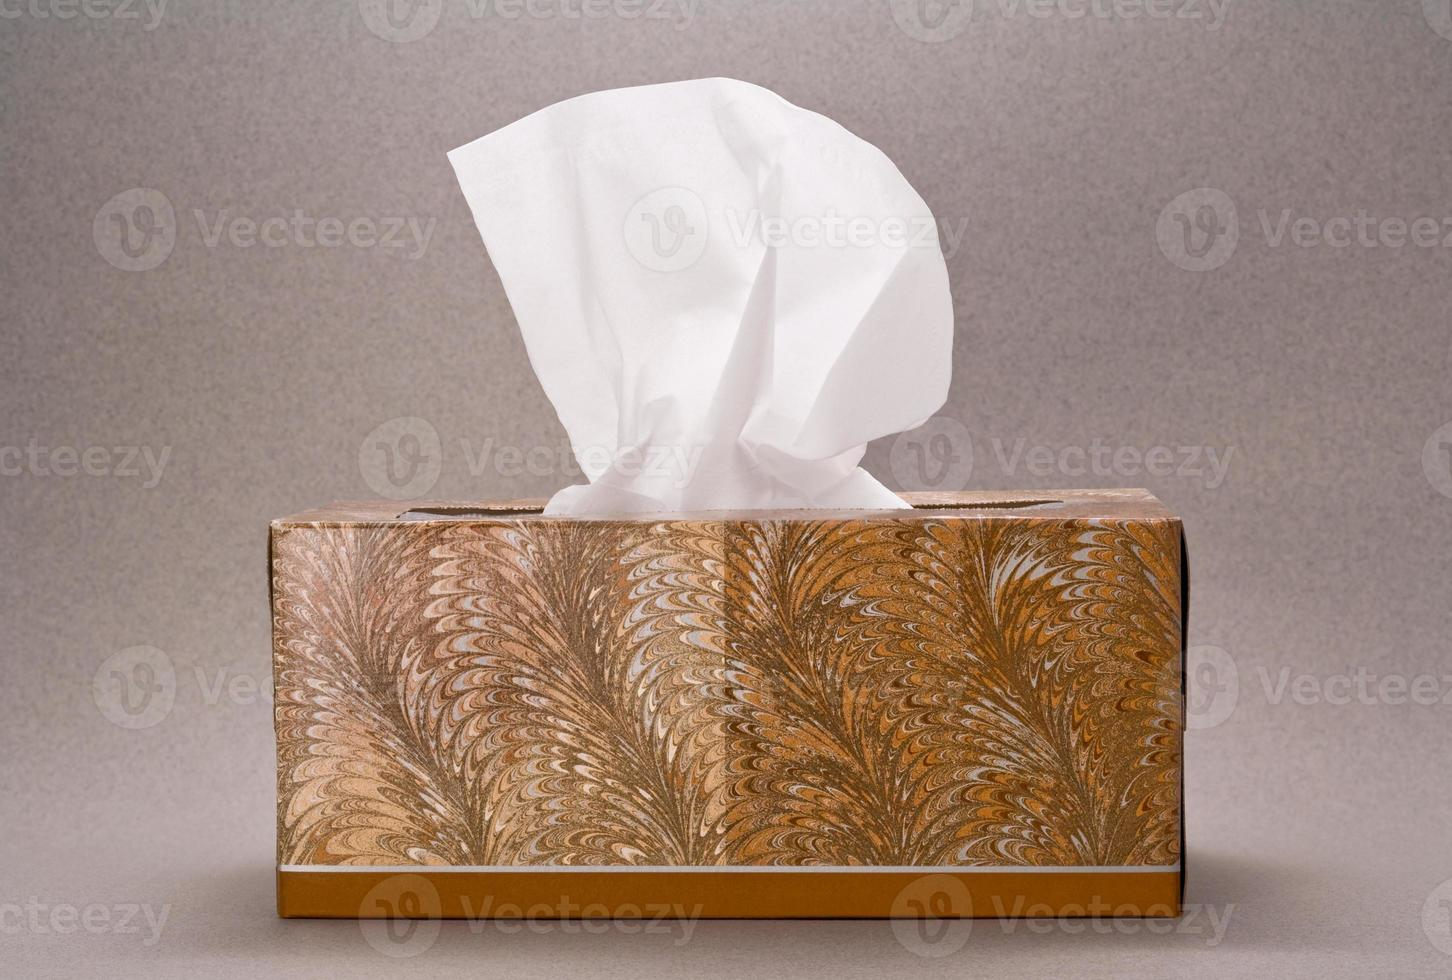 Schachtel Taschentuch foto